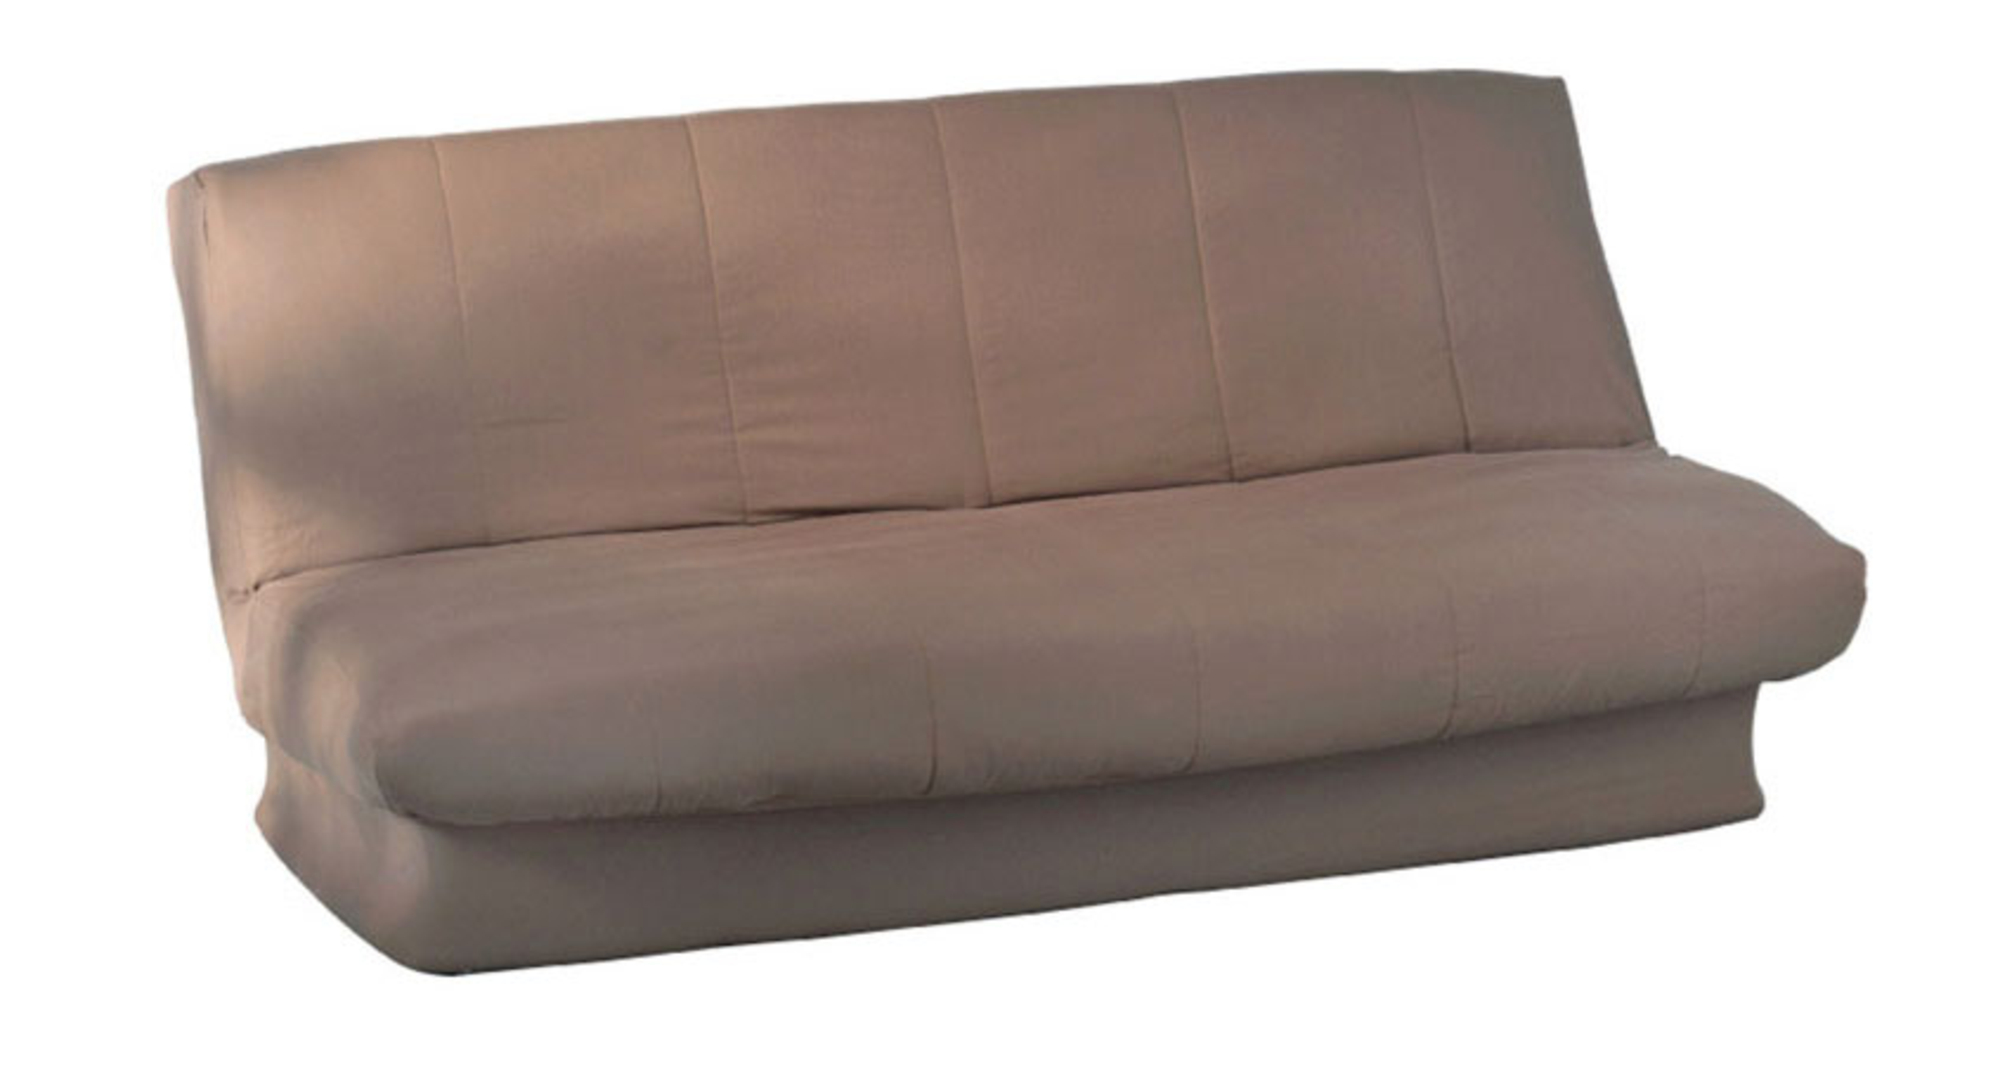 housse clic clac matelassee conceptions de maison. Black Bedroom Furniture Sets. Home Design Ideas